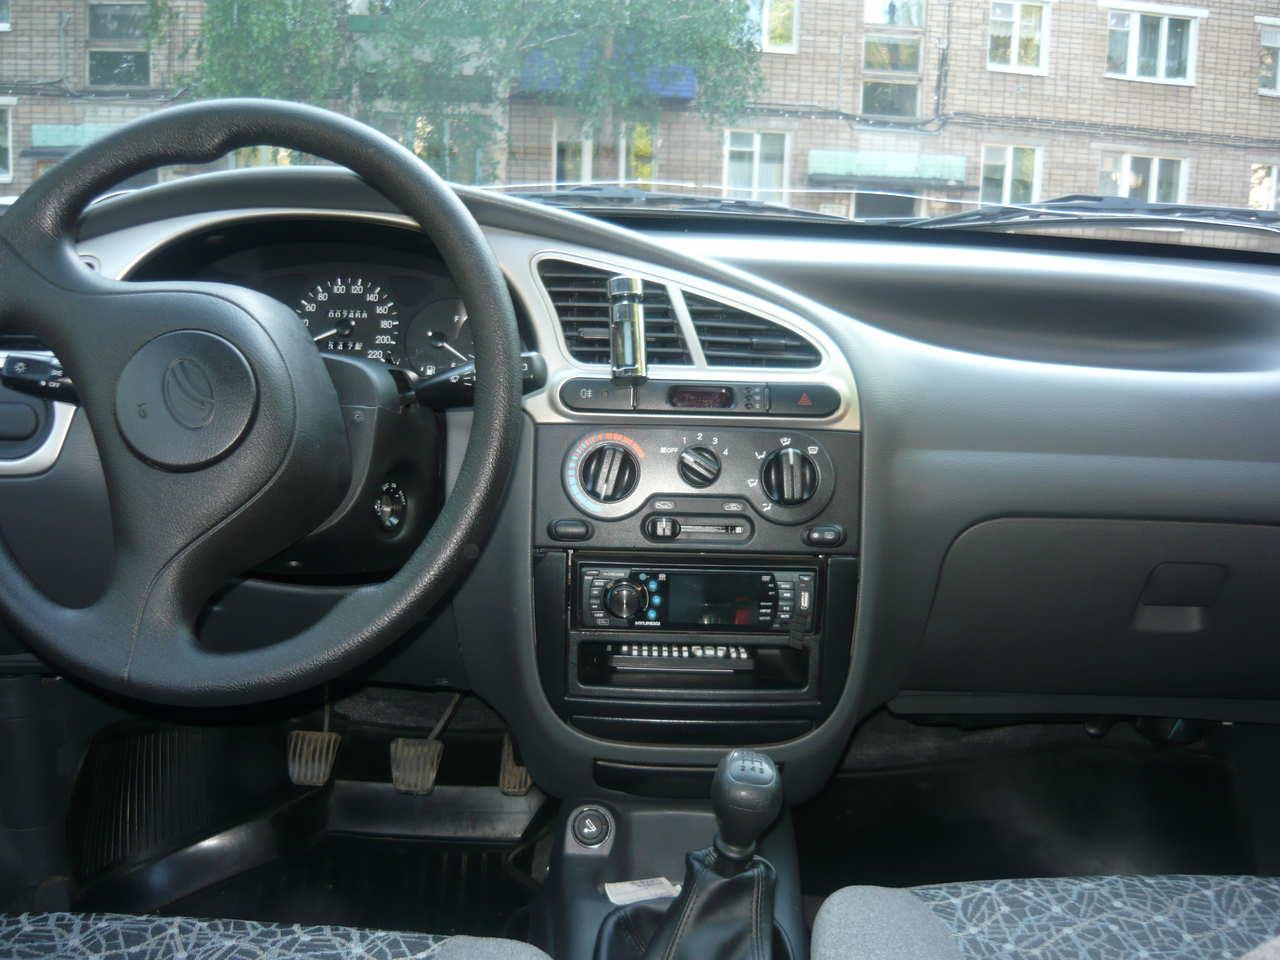 hight resolution of daewoo lanos interior